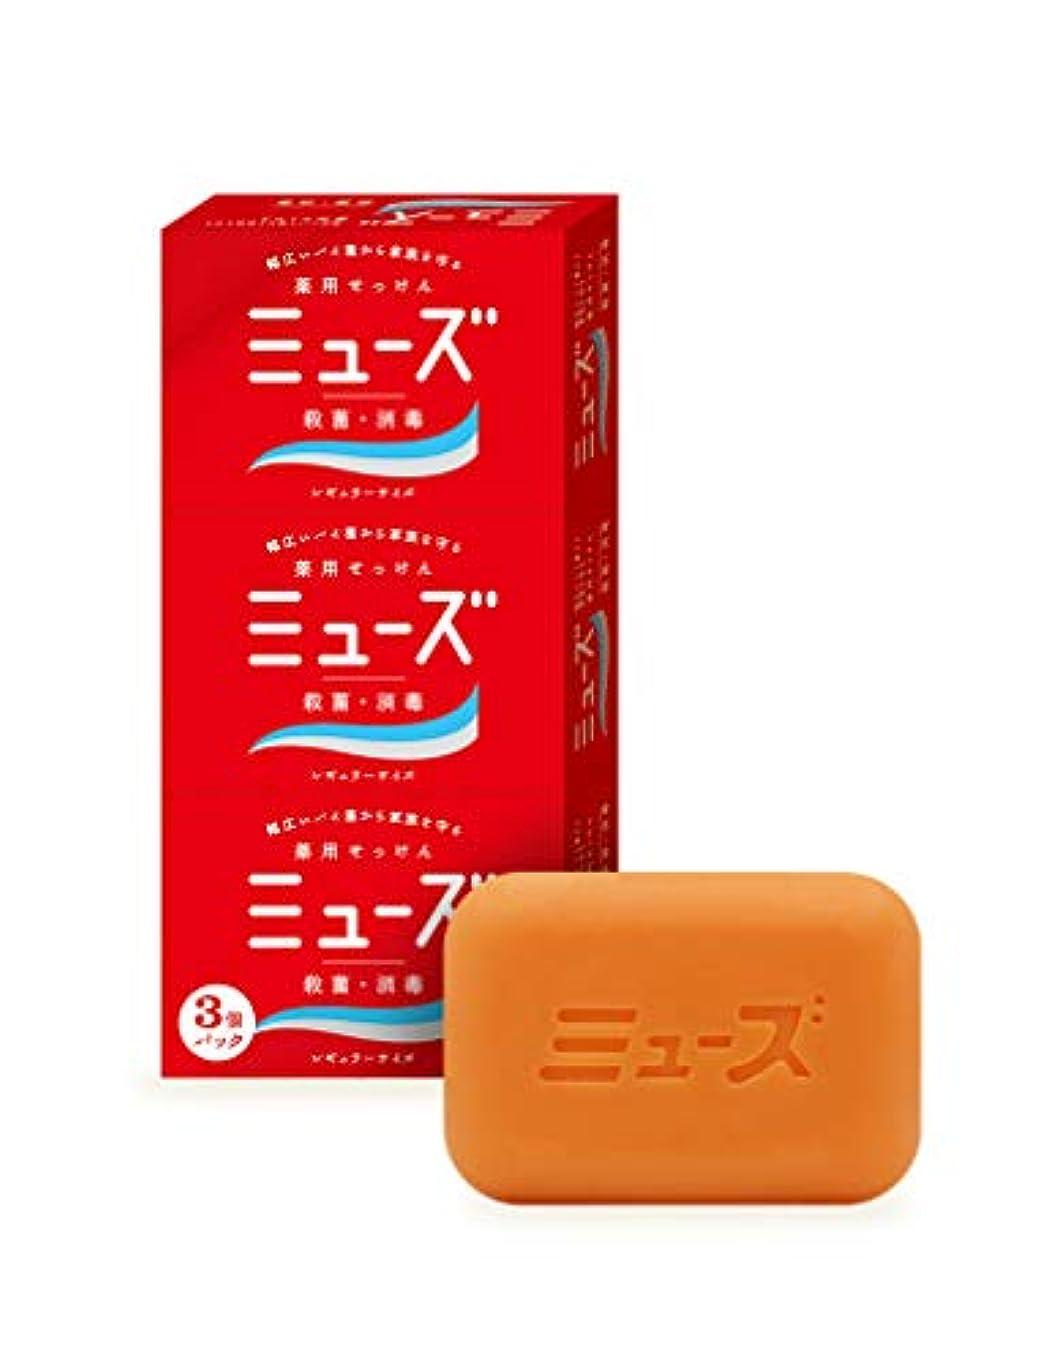 戦術過度の聴衆【医薬部外品】ミューズ石鹸 レギュラー 95g×3個パック